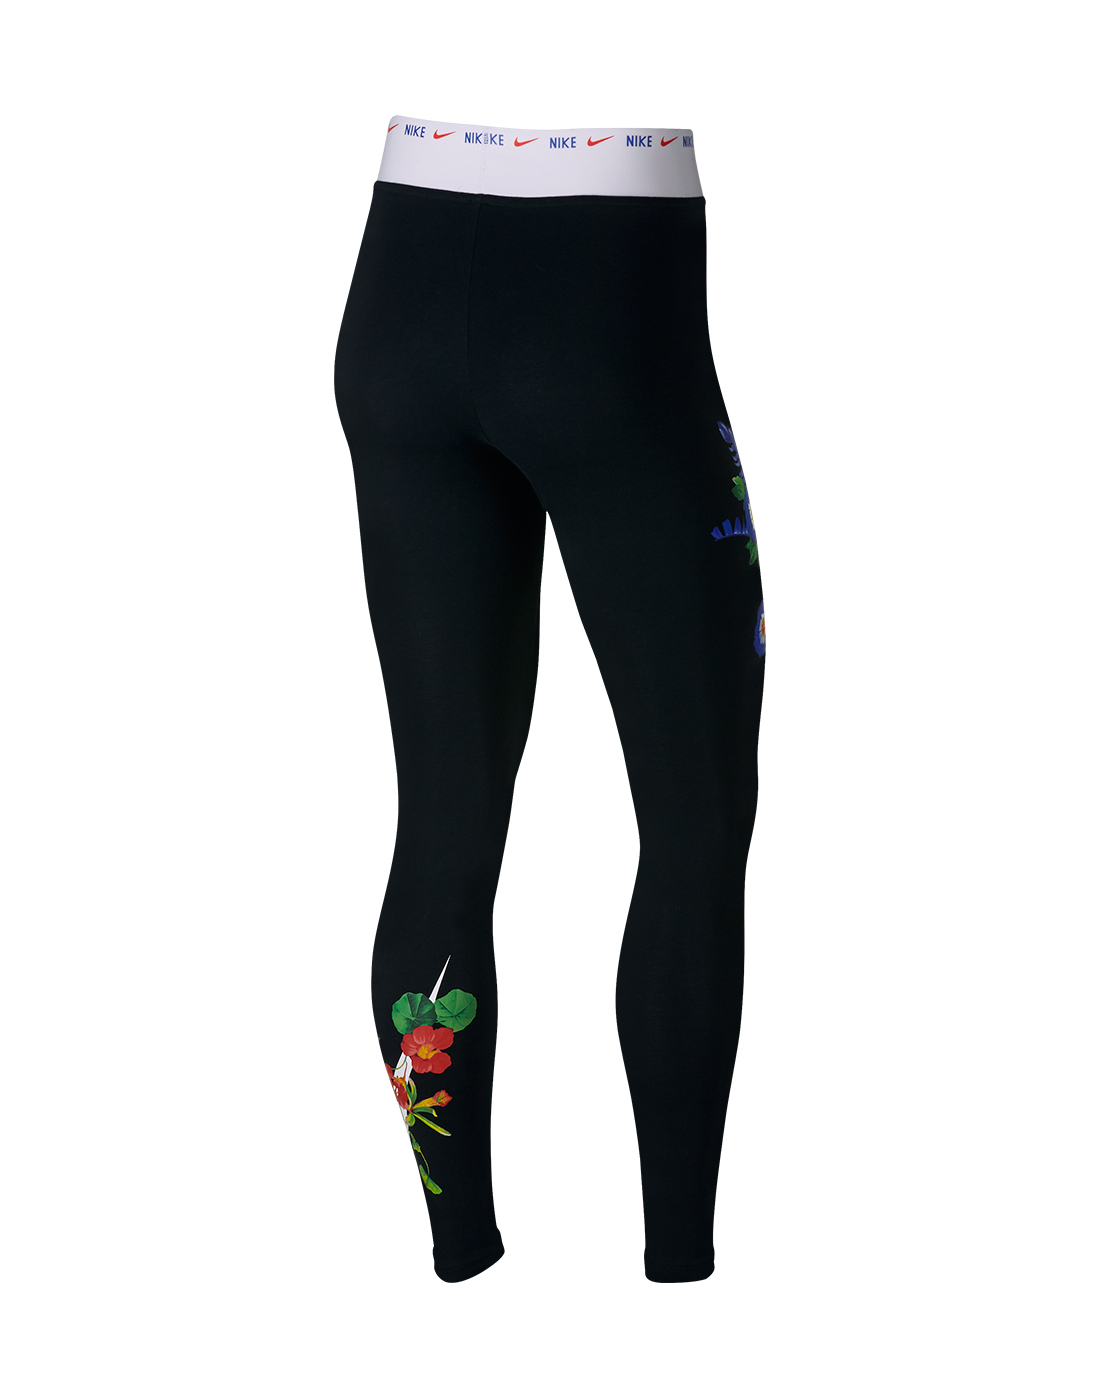 5bb1176416765 Womens Hyper Femme Legging · Womens Hyper Femme Legging